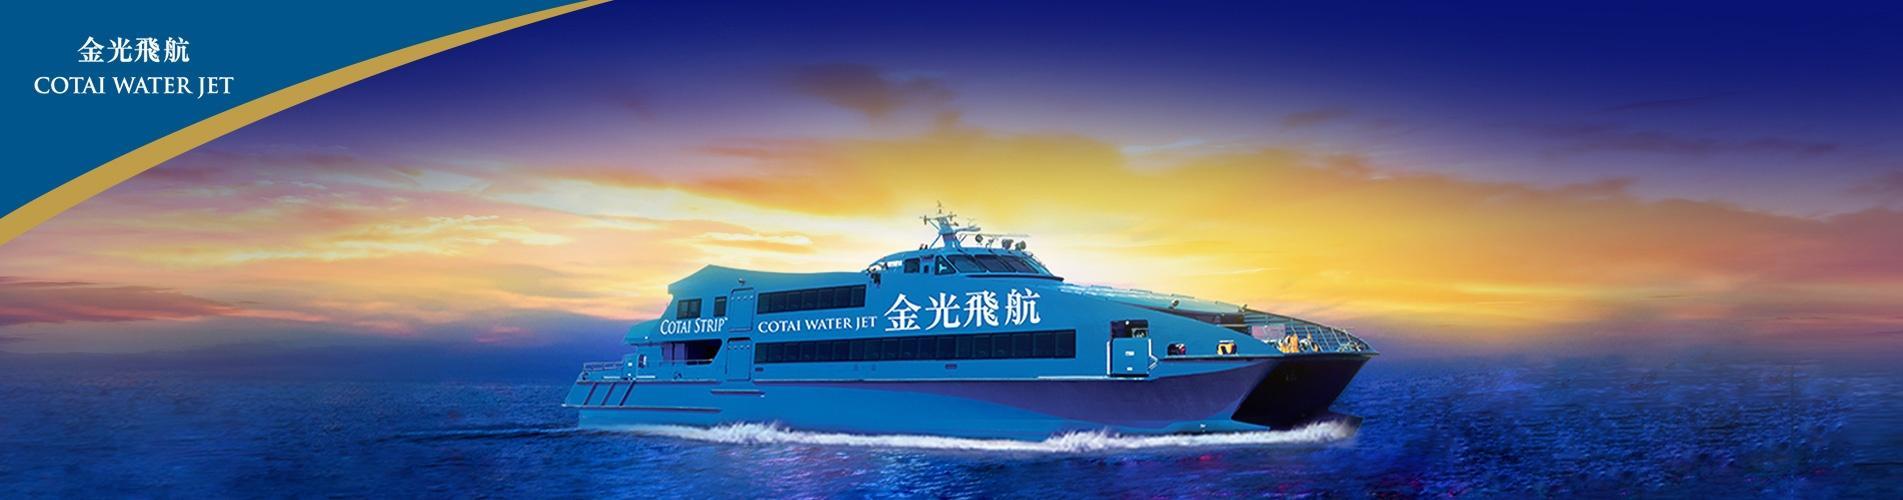 金光飛航船票 Cotai WaterJet Ferry Tickets